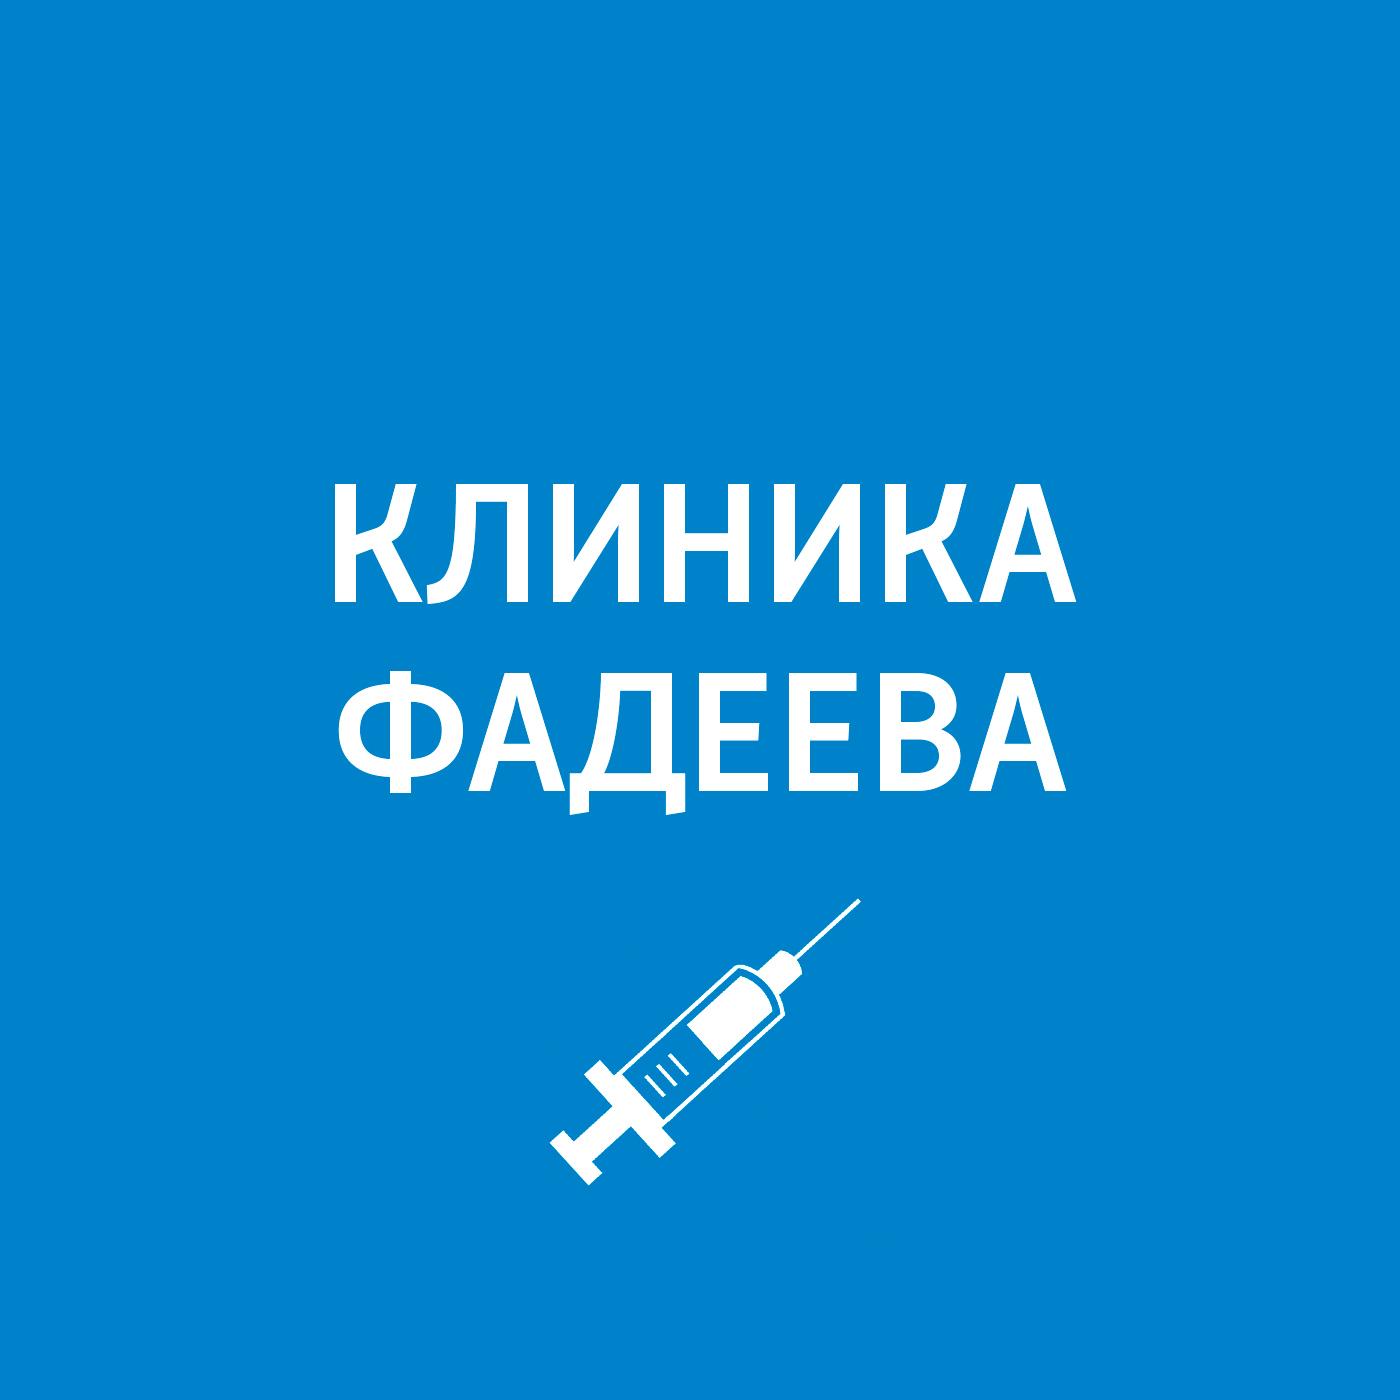 Пётр Фадеев Приём ведёт косметолог. Ответы на вопросы пётр фадеев приём ведёт дерматолог солнце польза или вред